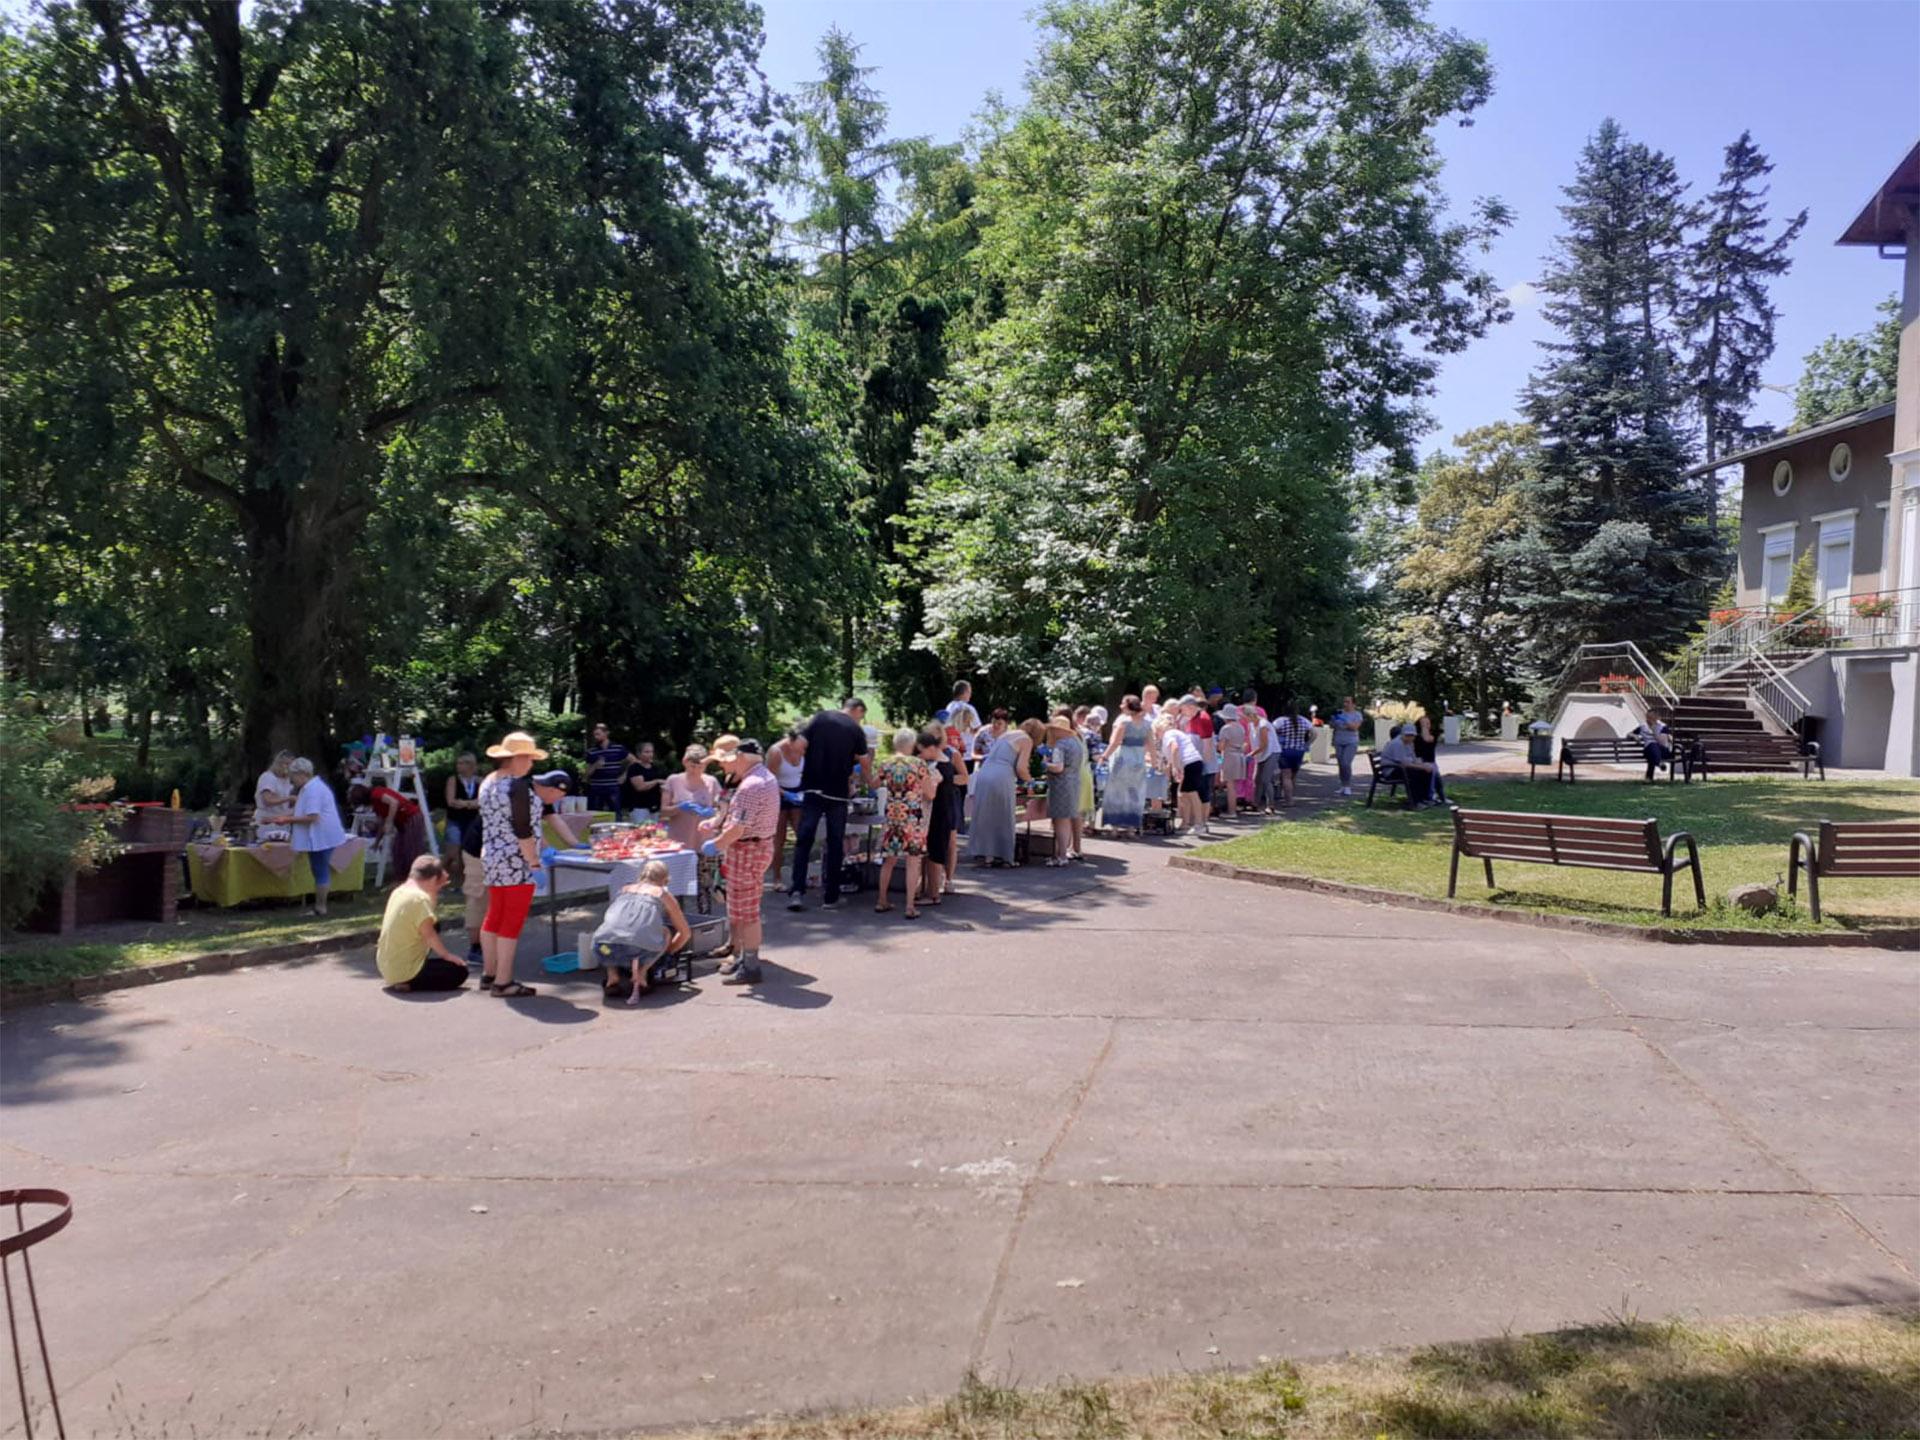 Parę stolików przy których stoją osoby robiące szaszłyki owocowe. W tle drzewa. Zdjęcie robione z oddali.